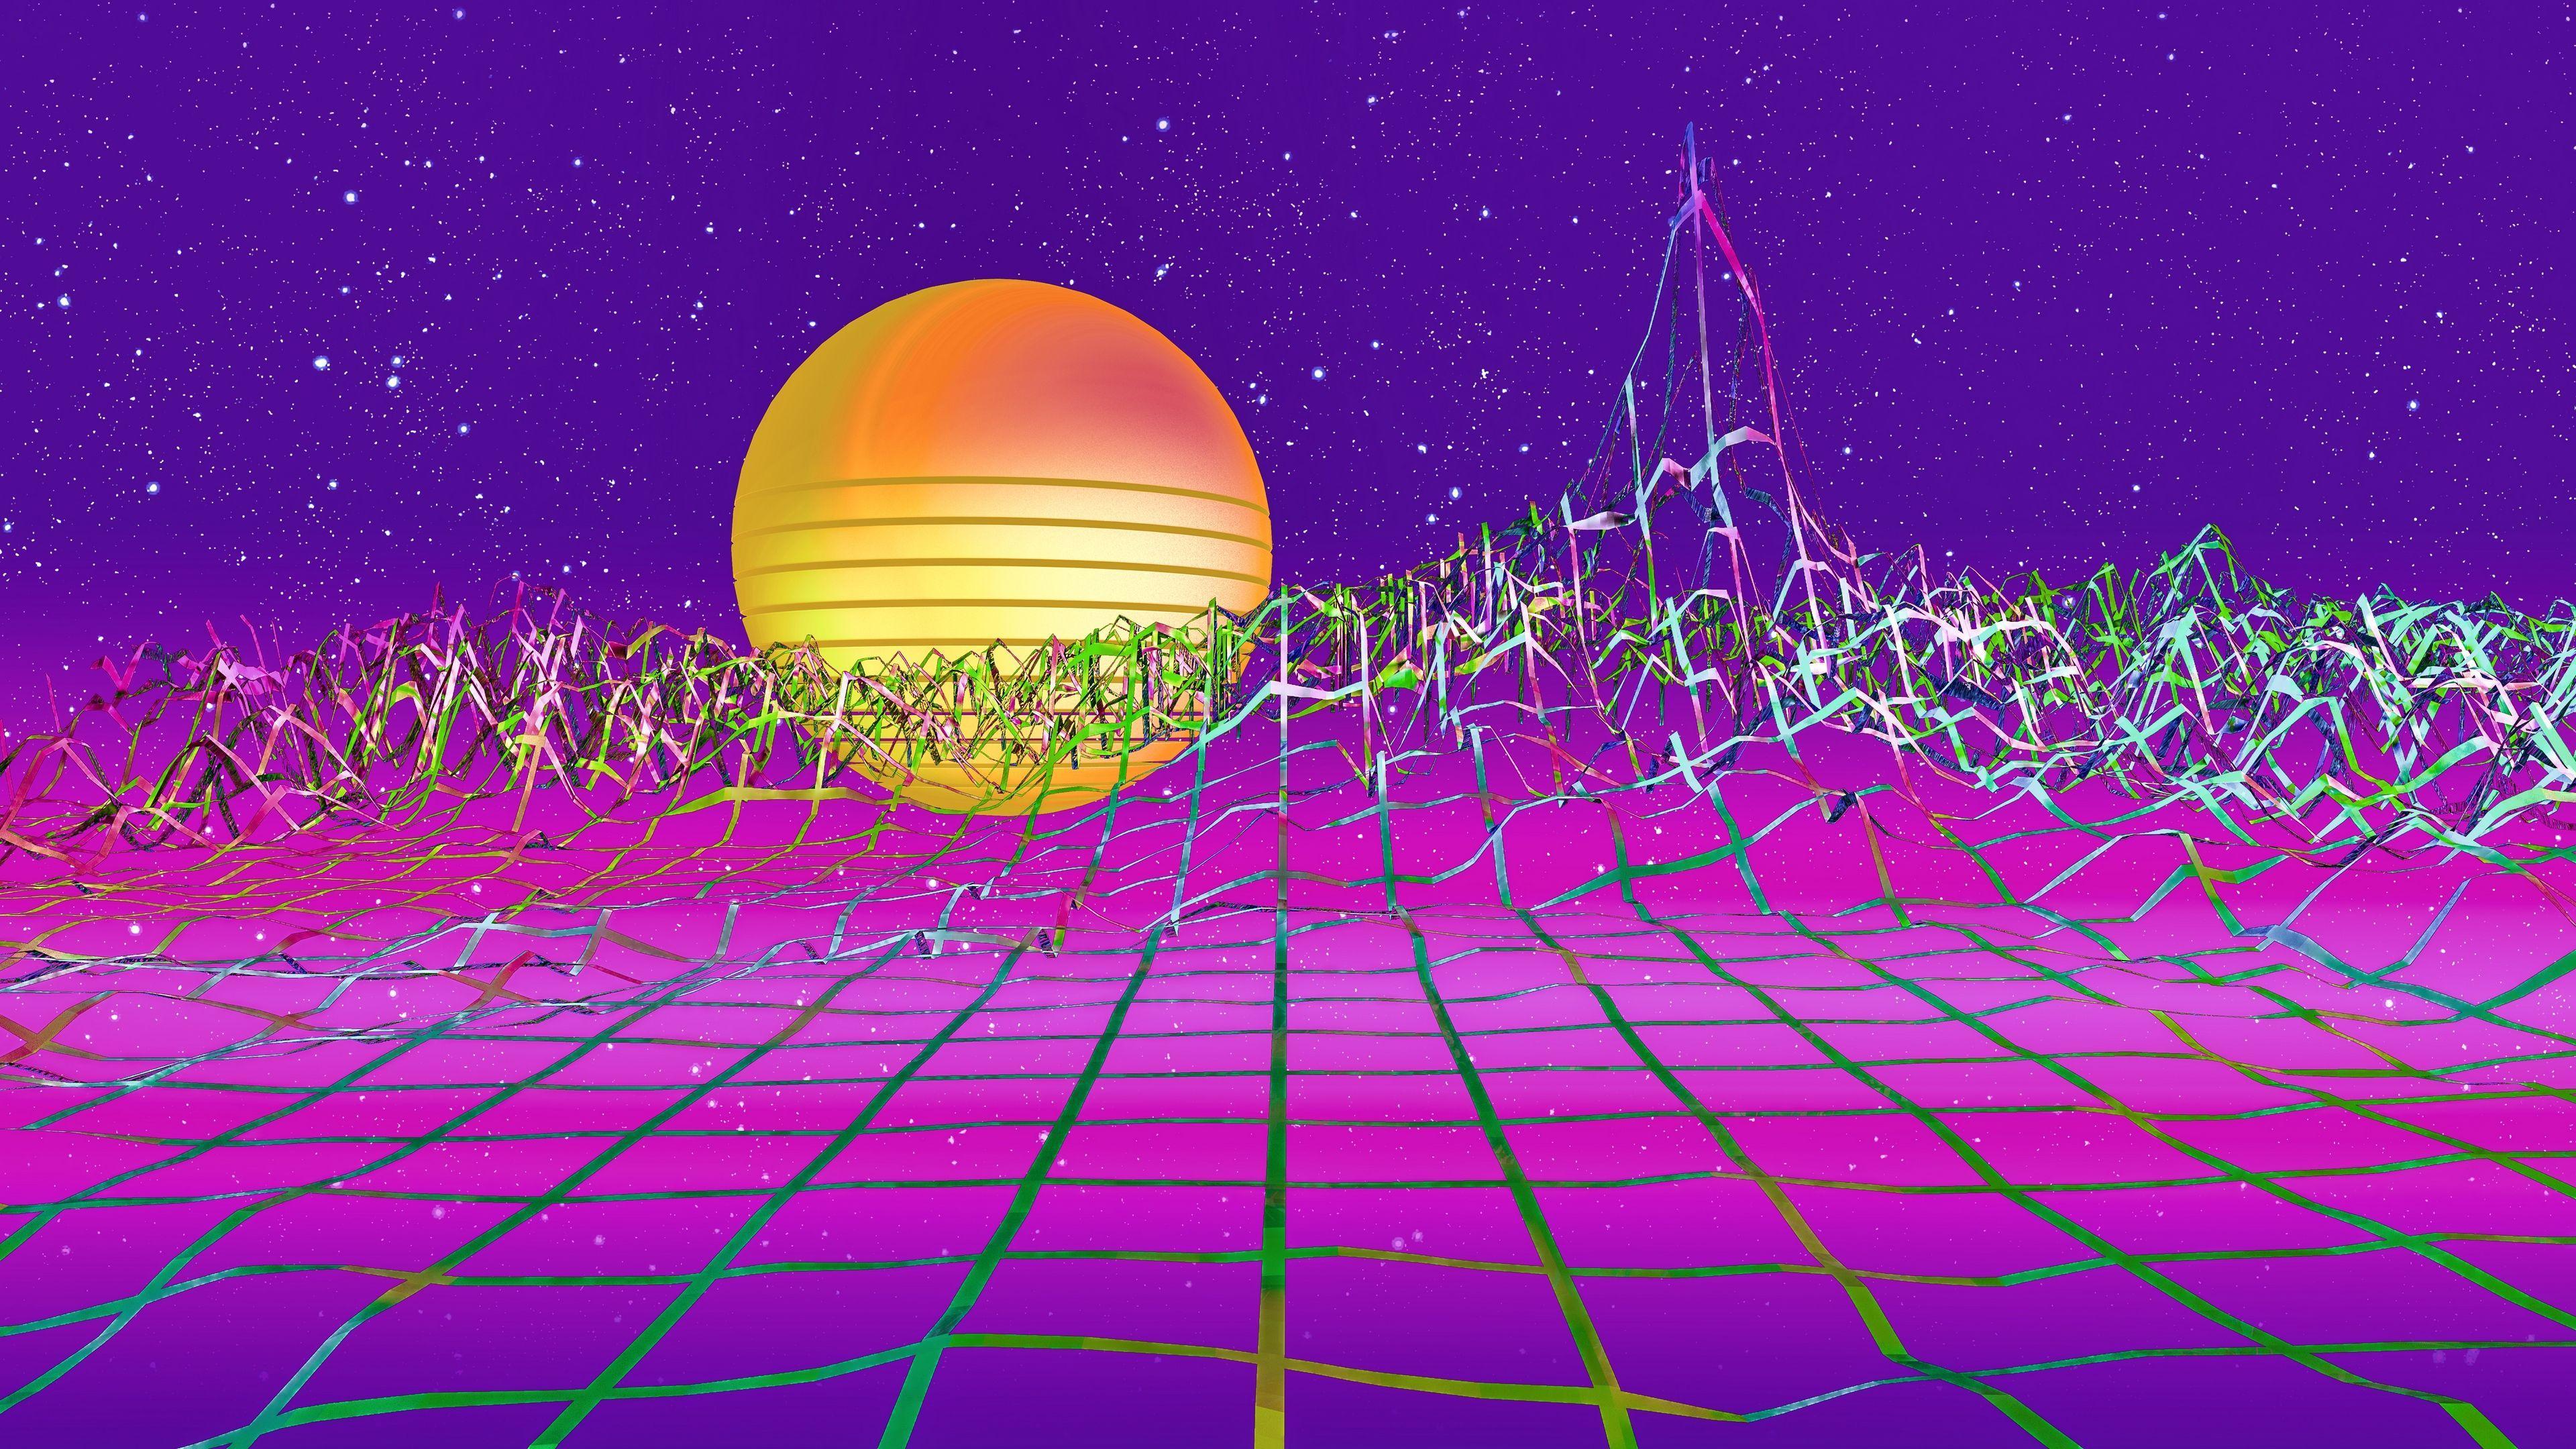 3840x2160 Synthwave Hình nền 4k